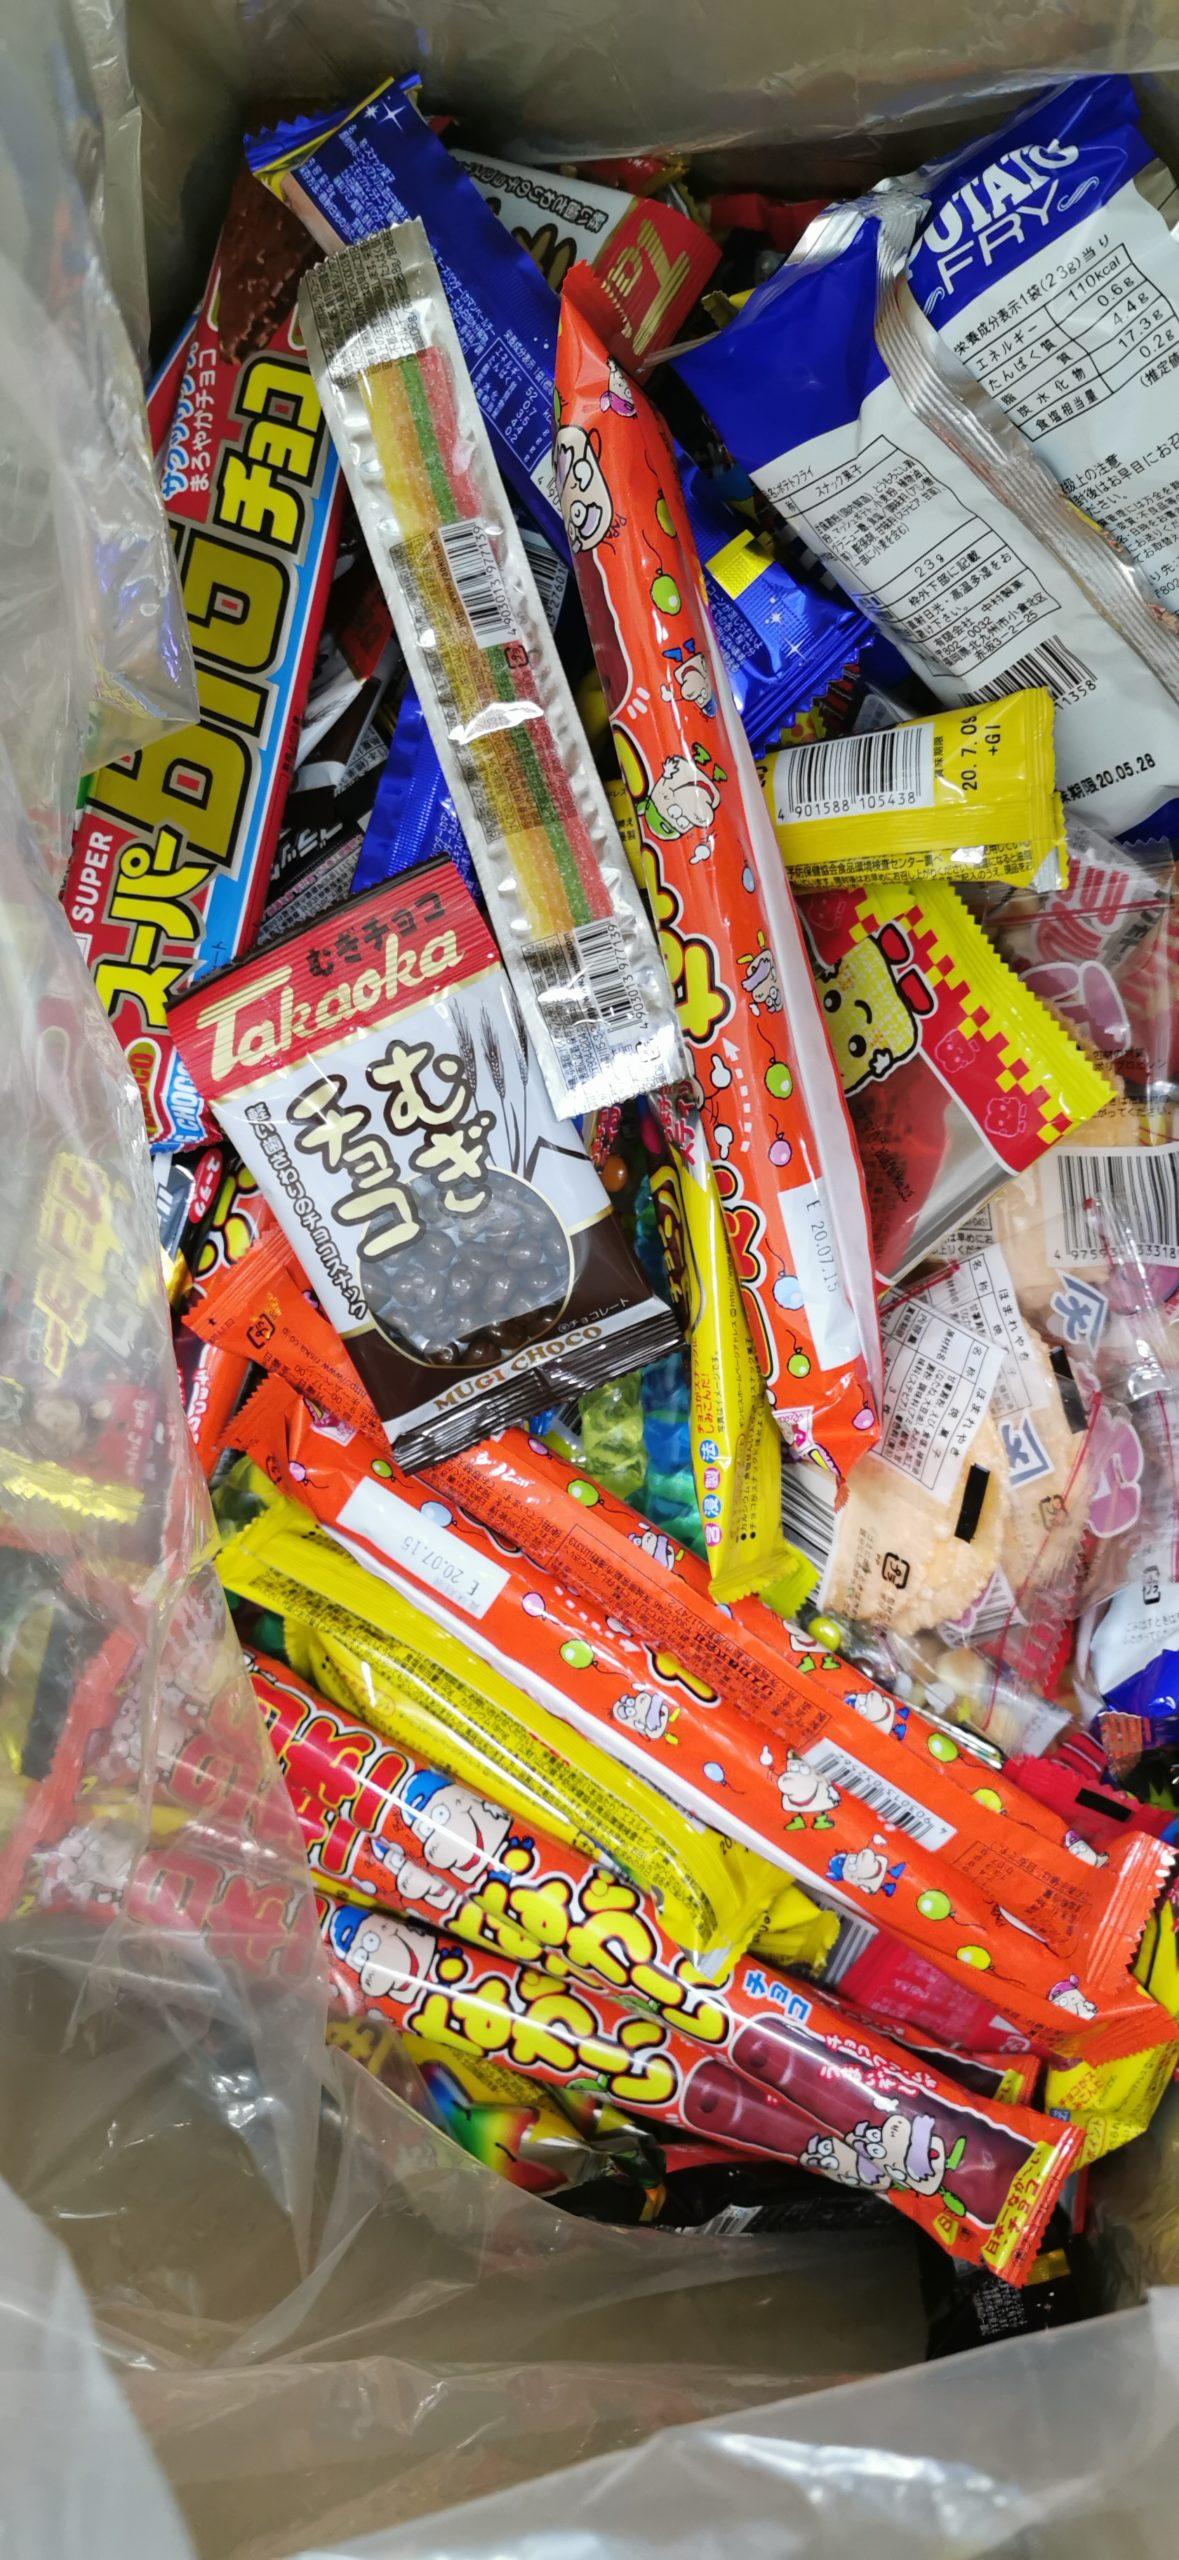 グレダービー賞品 26位 お菓子詰め合わせ250個入り→500個入りに変更